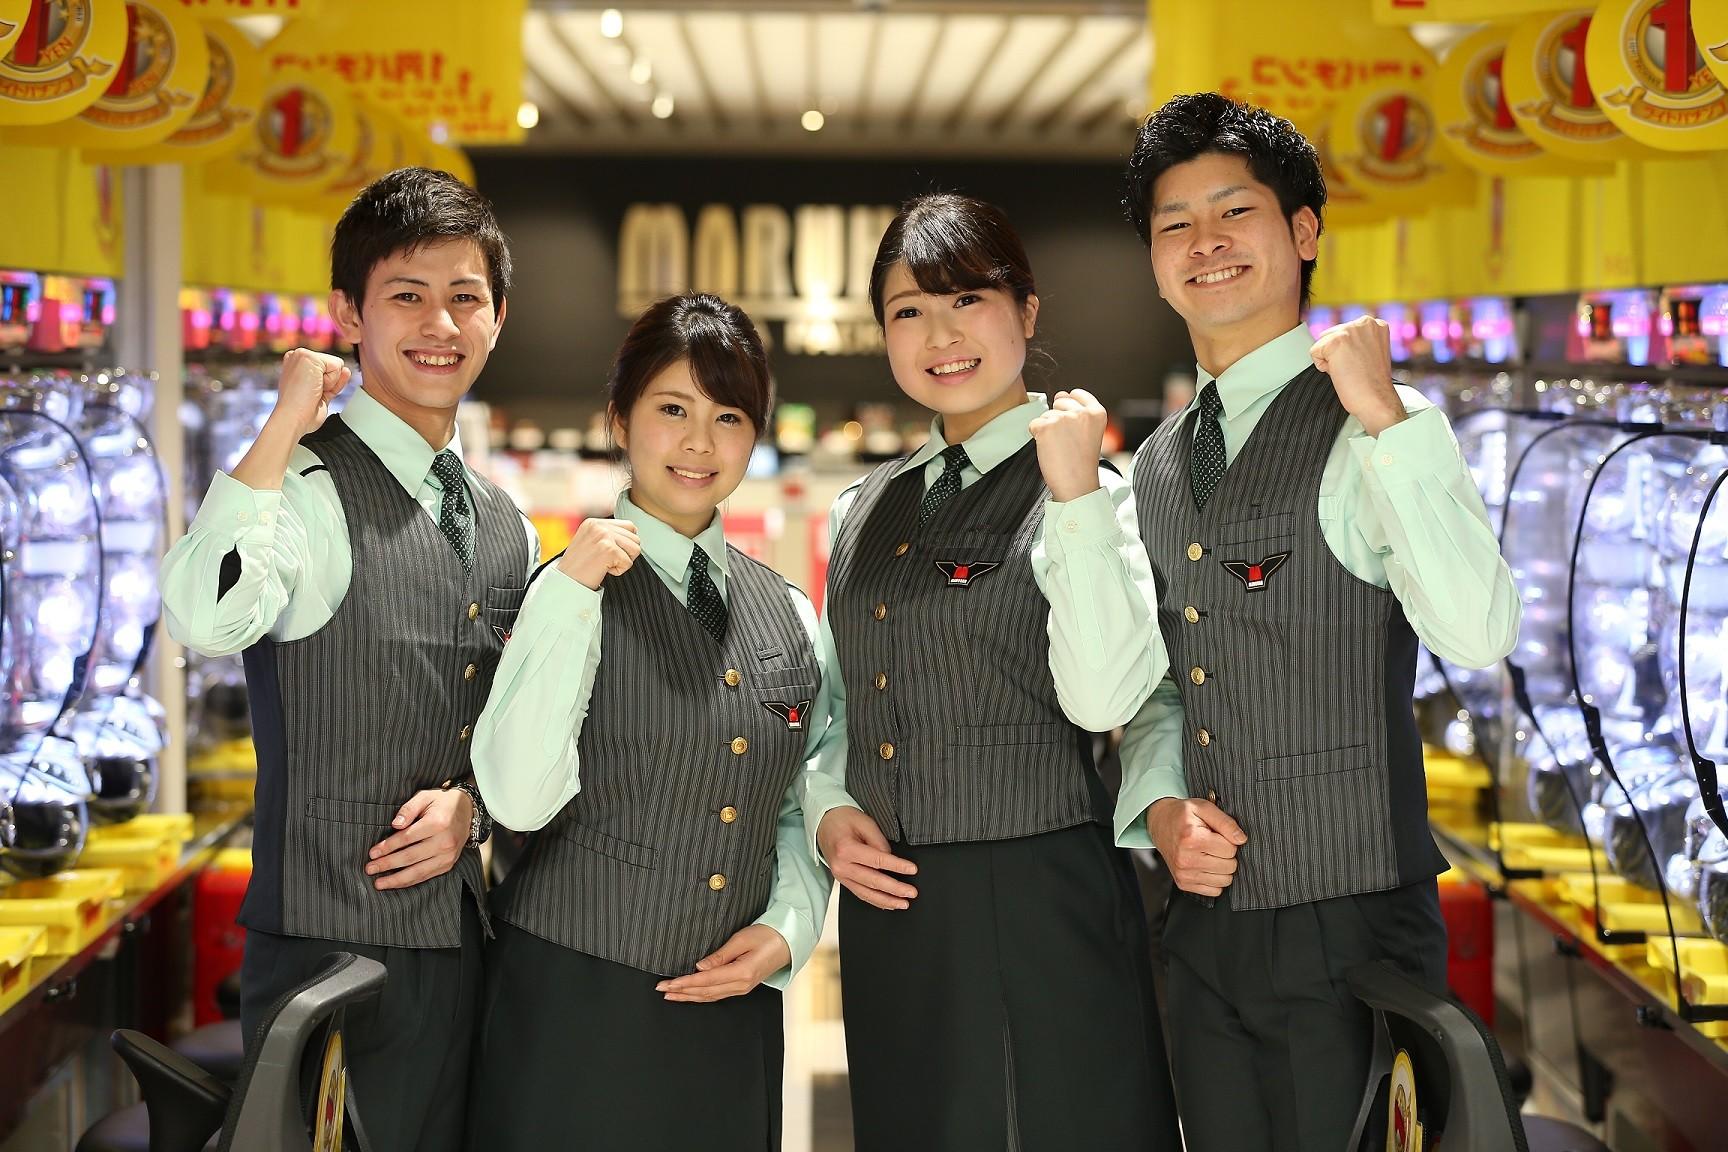 マルハン 峰山店[2701]のアルバイト情報